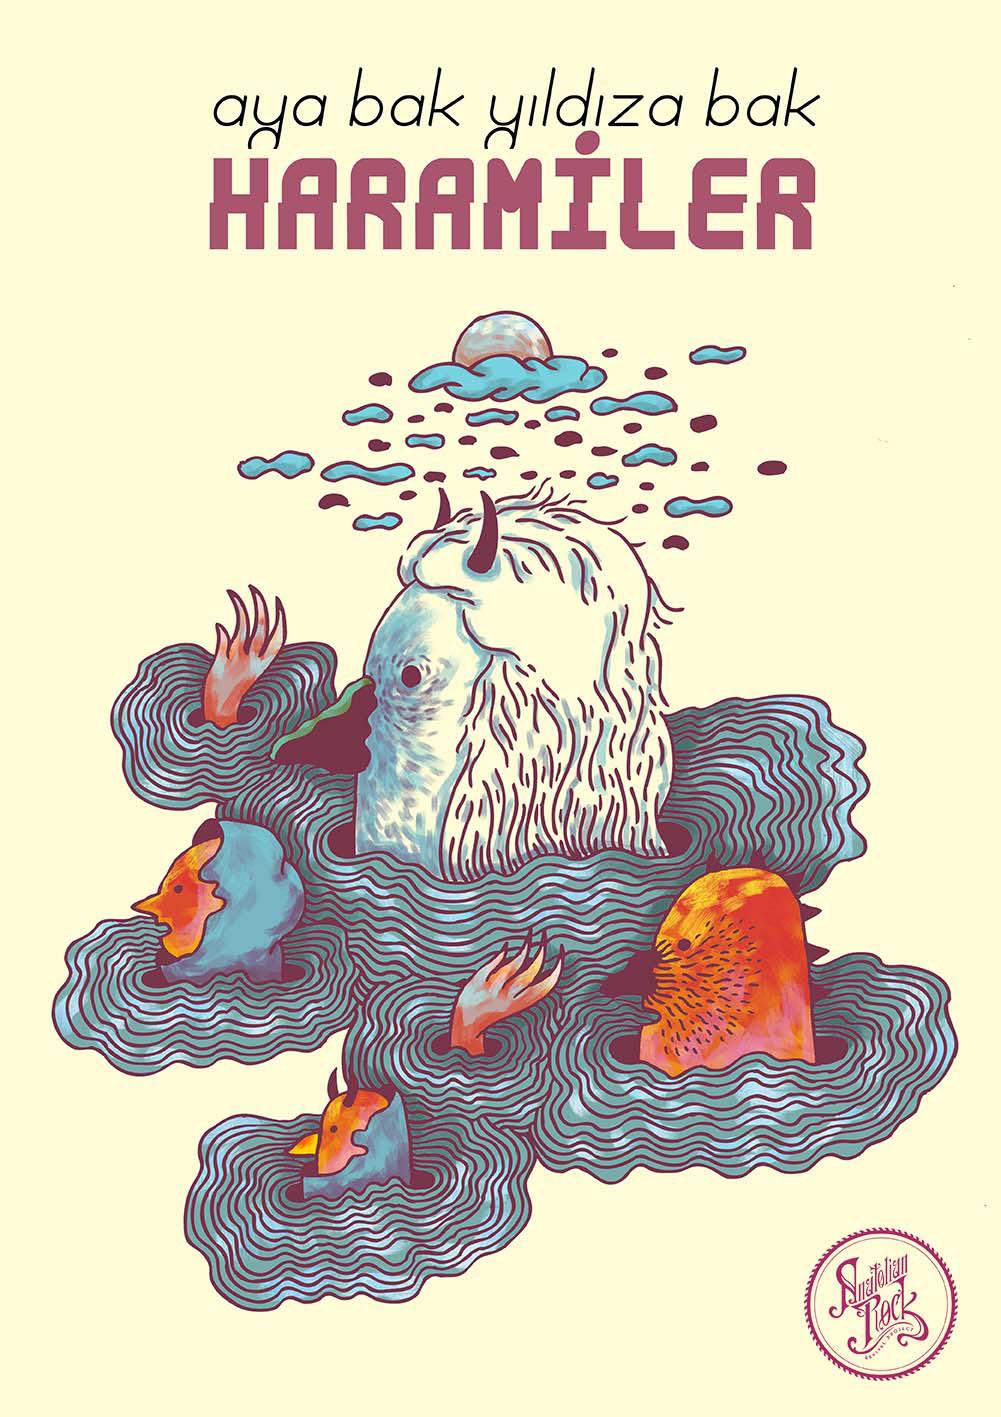 Haramiler_Anatolian_Rock_Revival